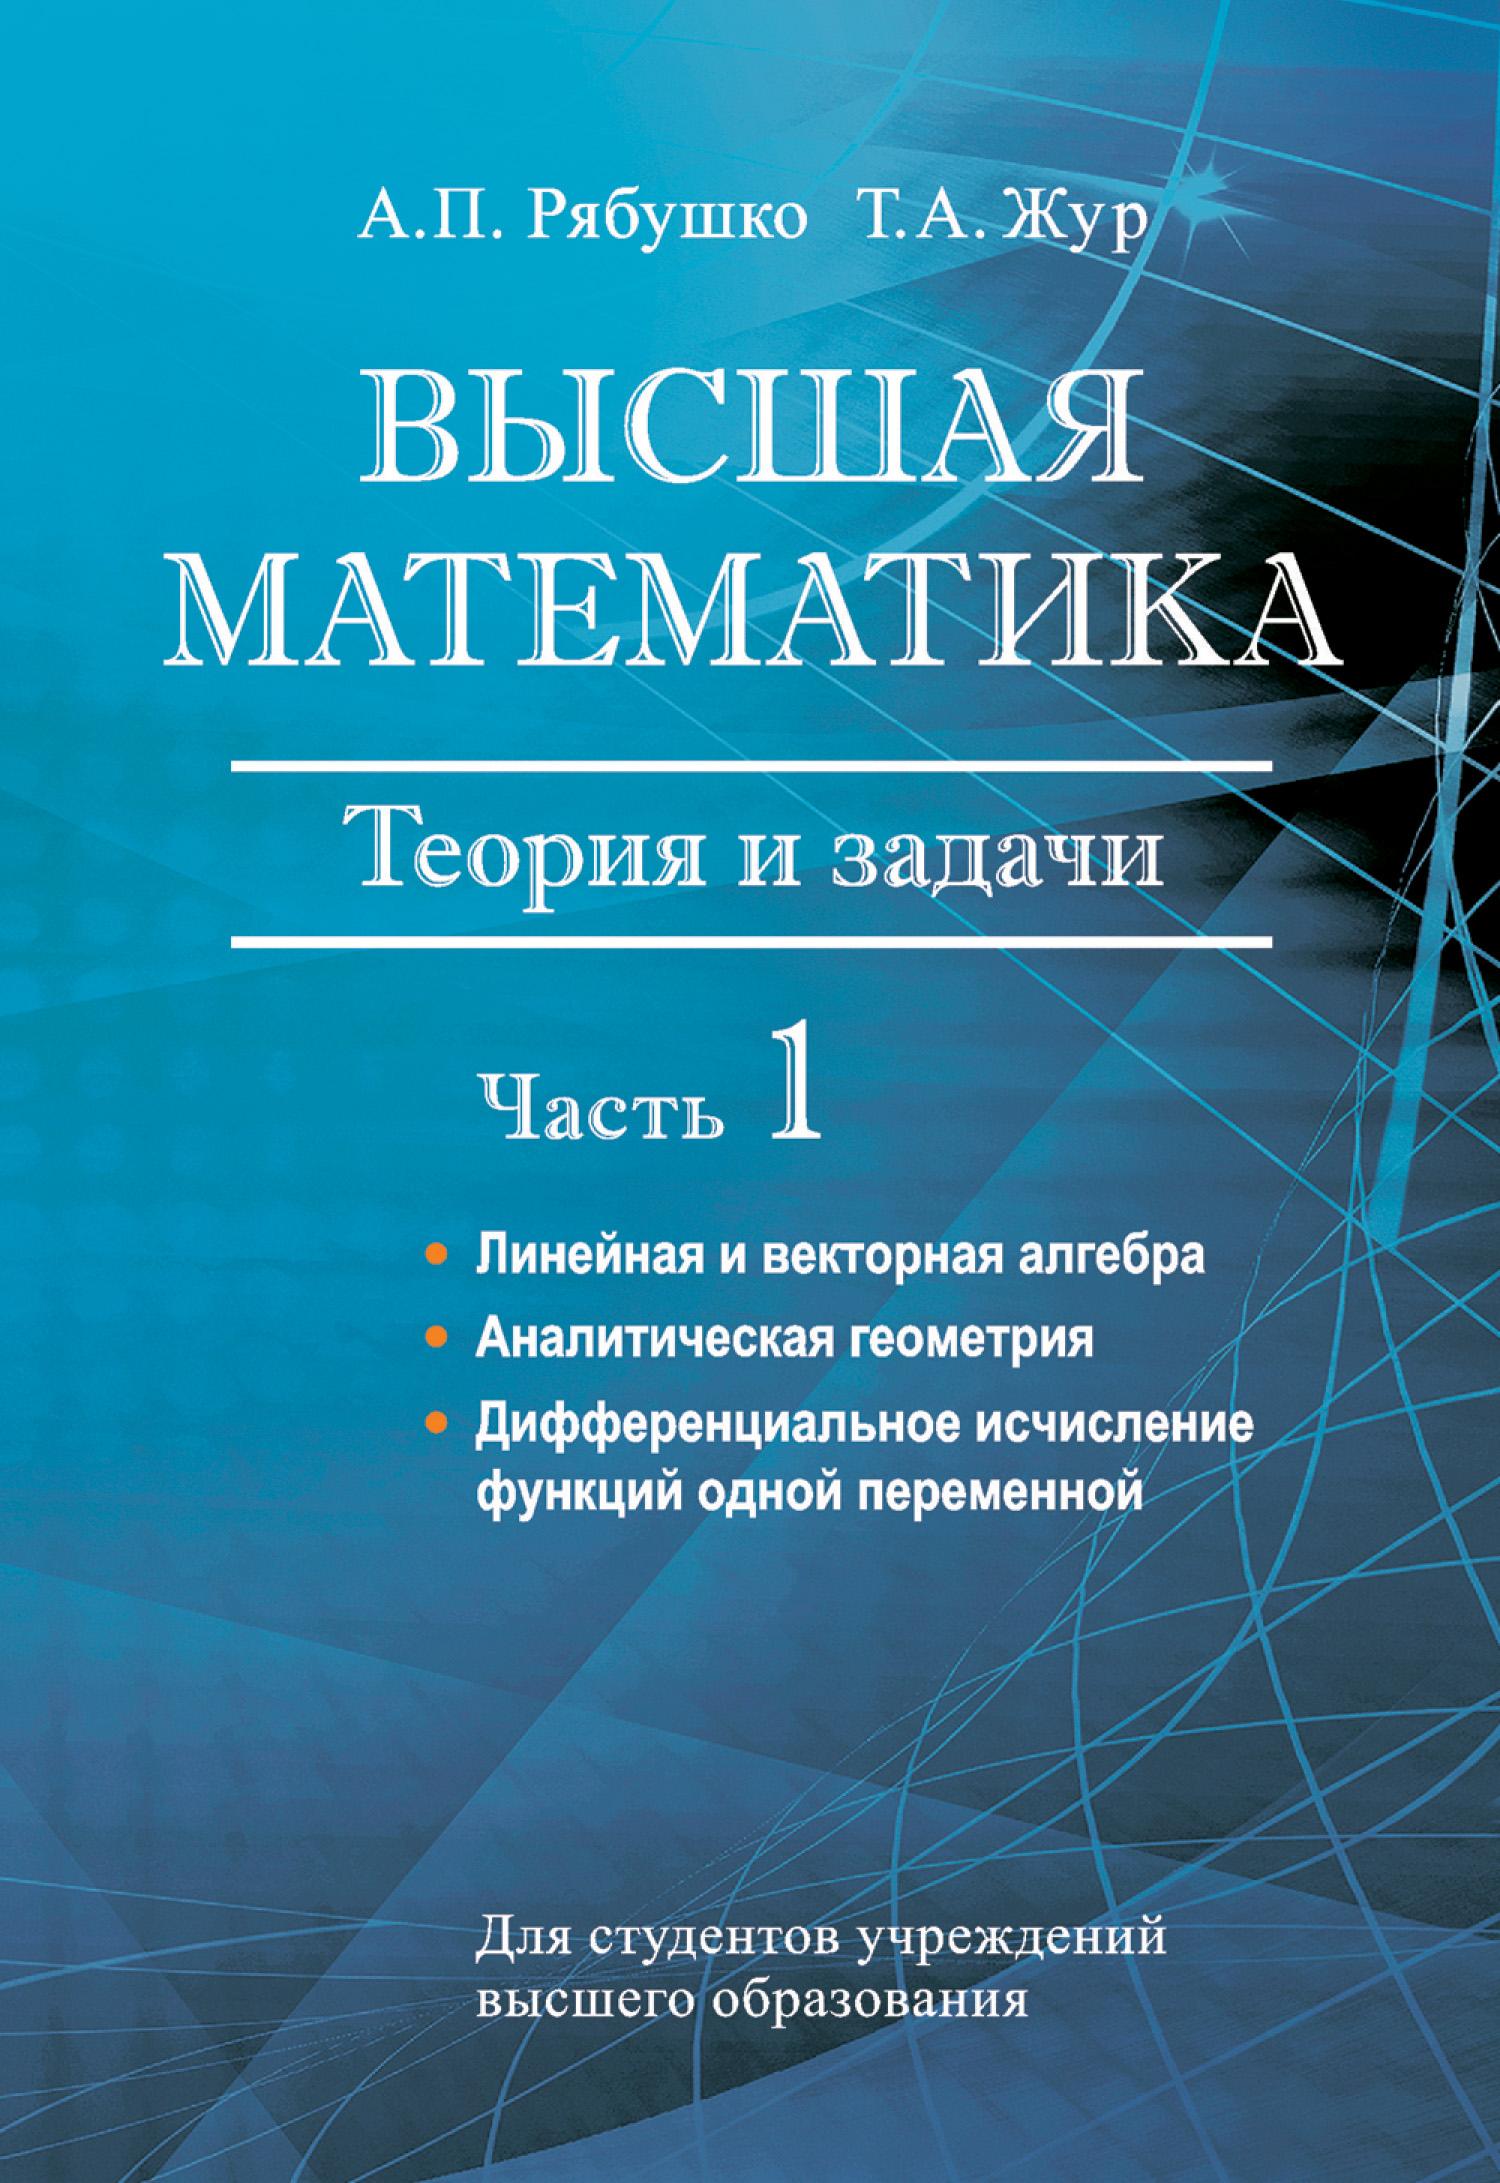 Фото - А. П. Рябушко Высшая математика. Теория и задачи. Часть 1. Линейная и векторная алгебра. Аналитическая геометрия. Дифференциальное исчисление функций одной переменной краснов м киселев а макаренко г шикин е заляпин в вся высшая математика том 1 аналитическая геометрия векторная алгебра линейная алге